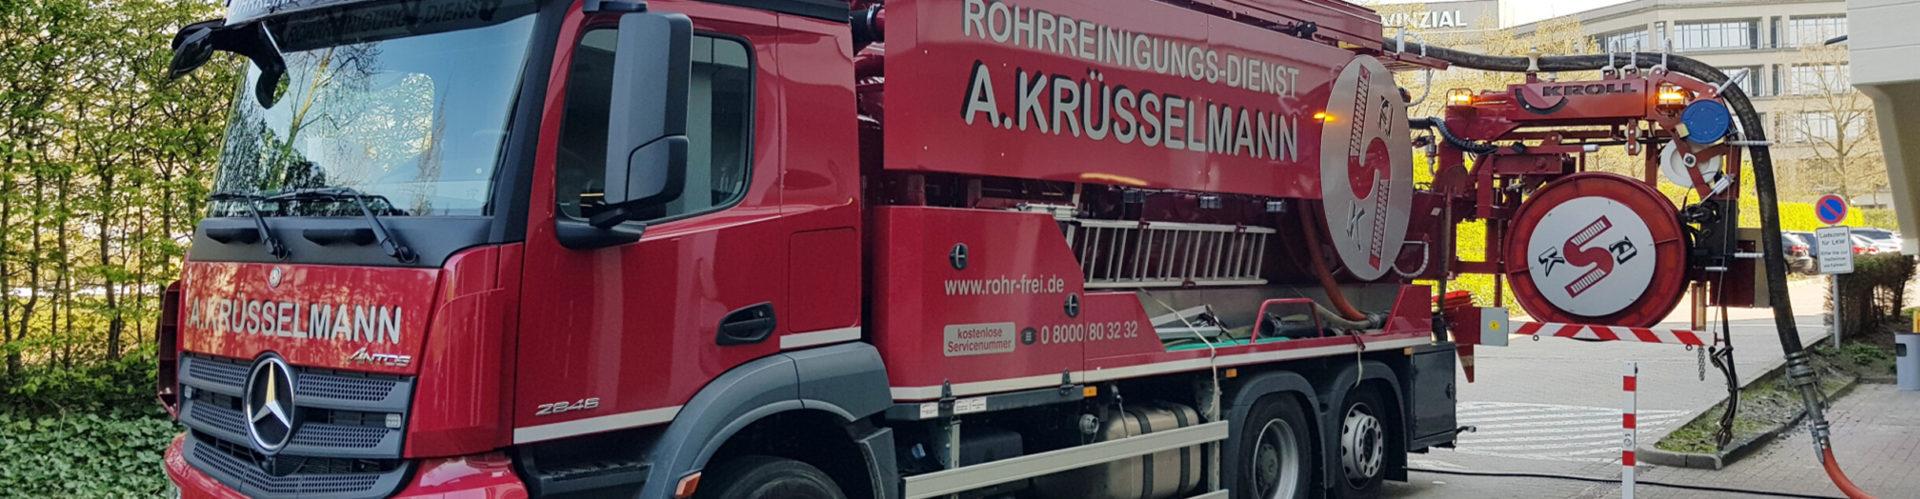 KRüsselmann Fahrzeug Rohrreinigung